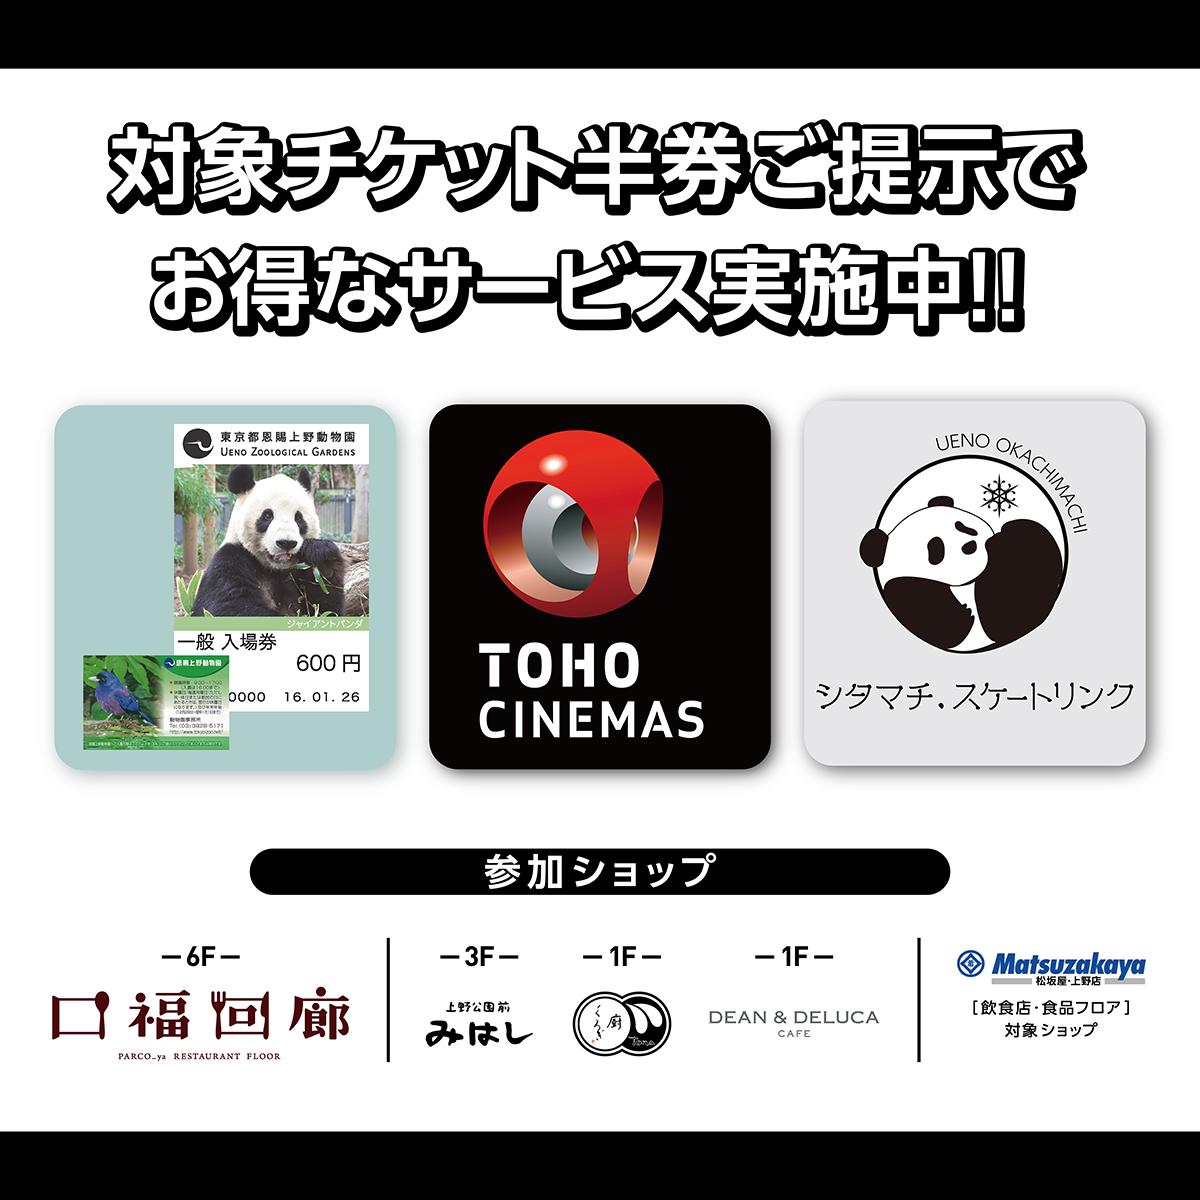 映画チケット等でお得なサービス実施中!!